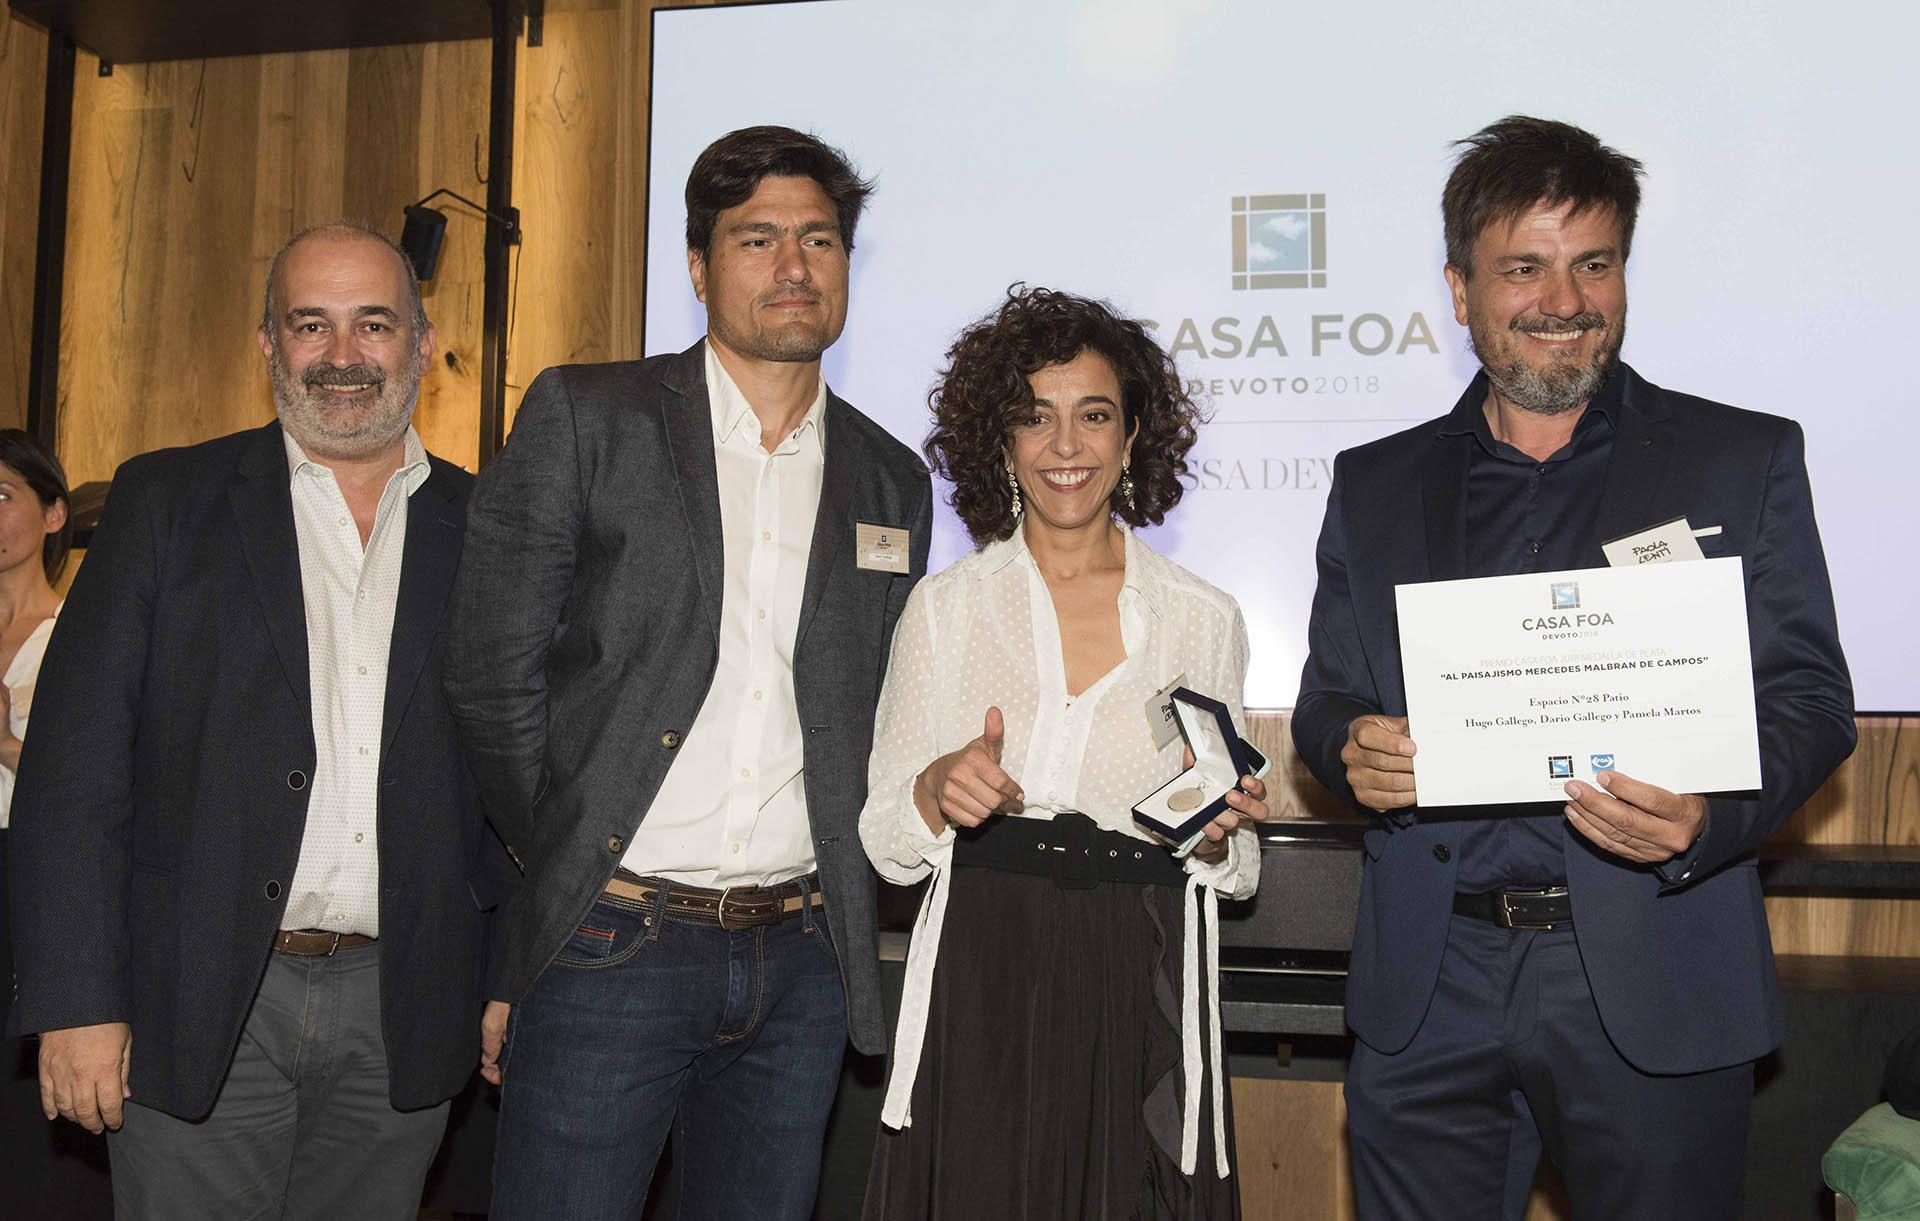 Eduardo Macchiavelli junto a los ganadores de la medalla de plata al paisajismo: Hugo Gallego, Pamela Martos y Darío Gallego